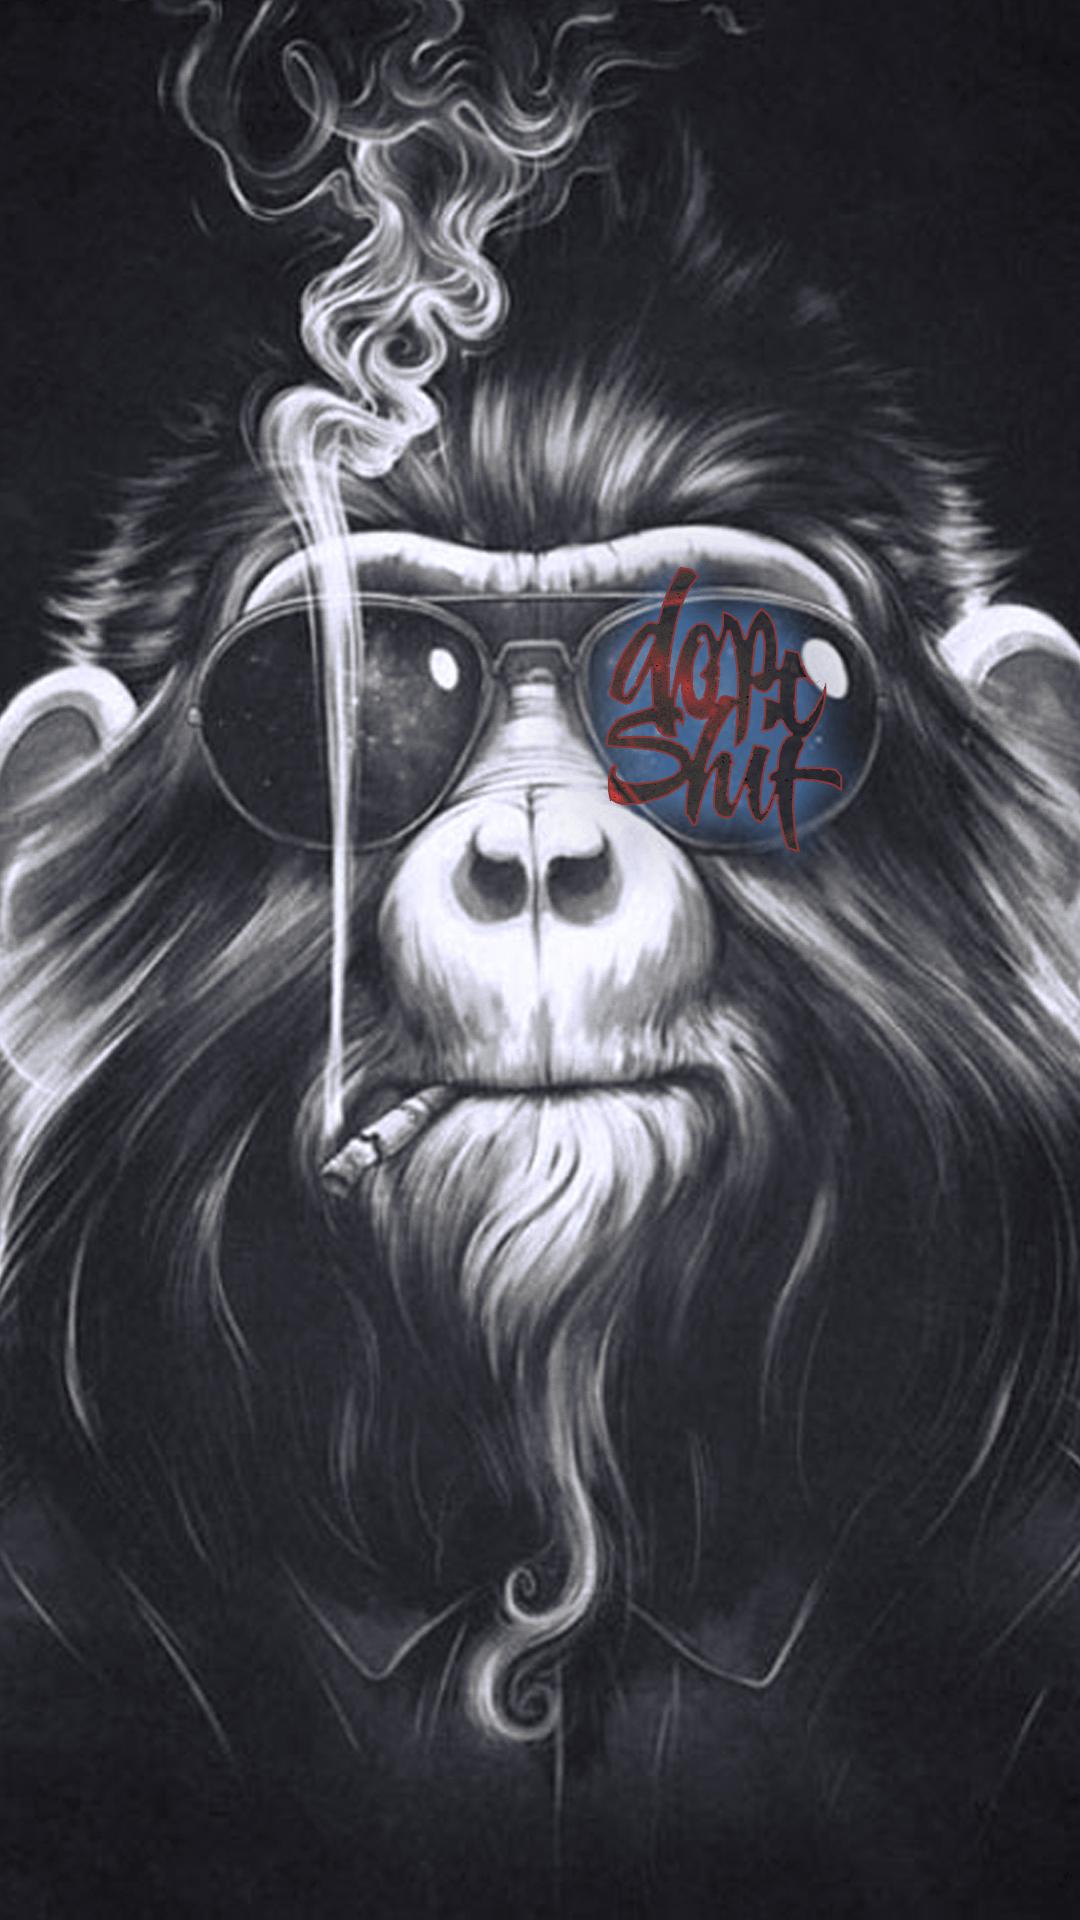 1080x1920 khỉ dope - Nhấn để xem thêm hình nền Dope!  - iPhone 8